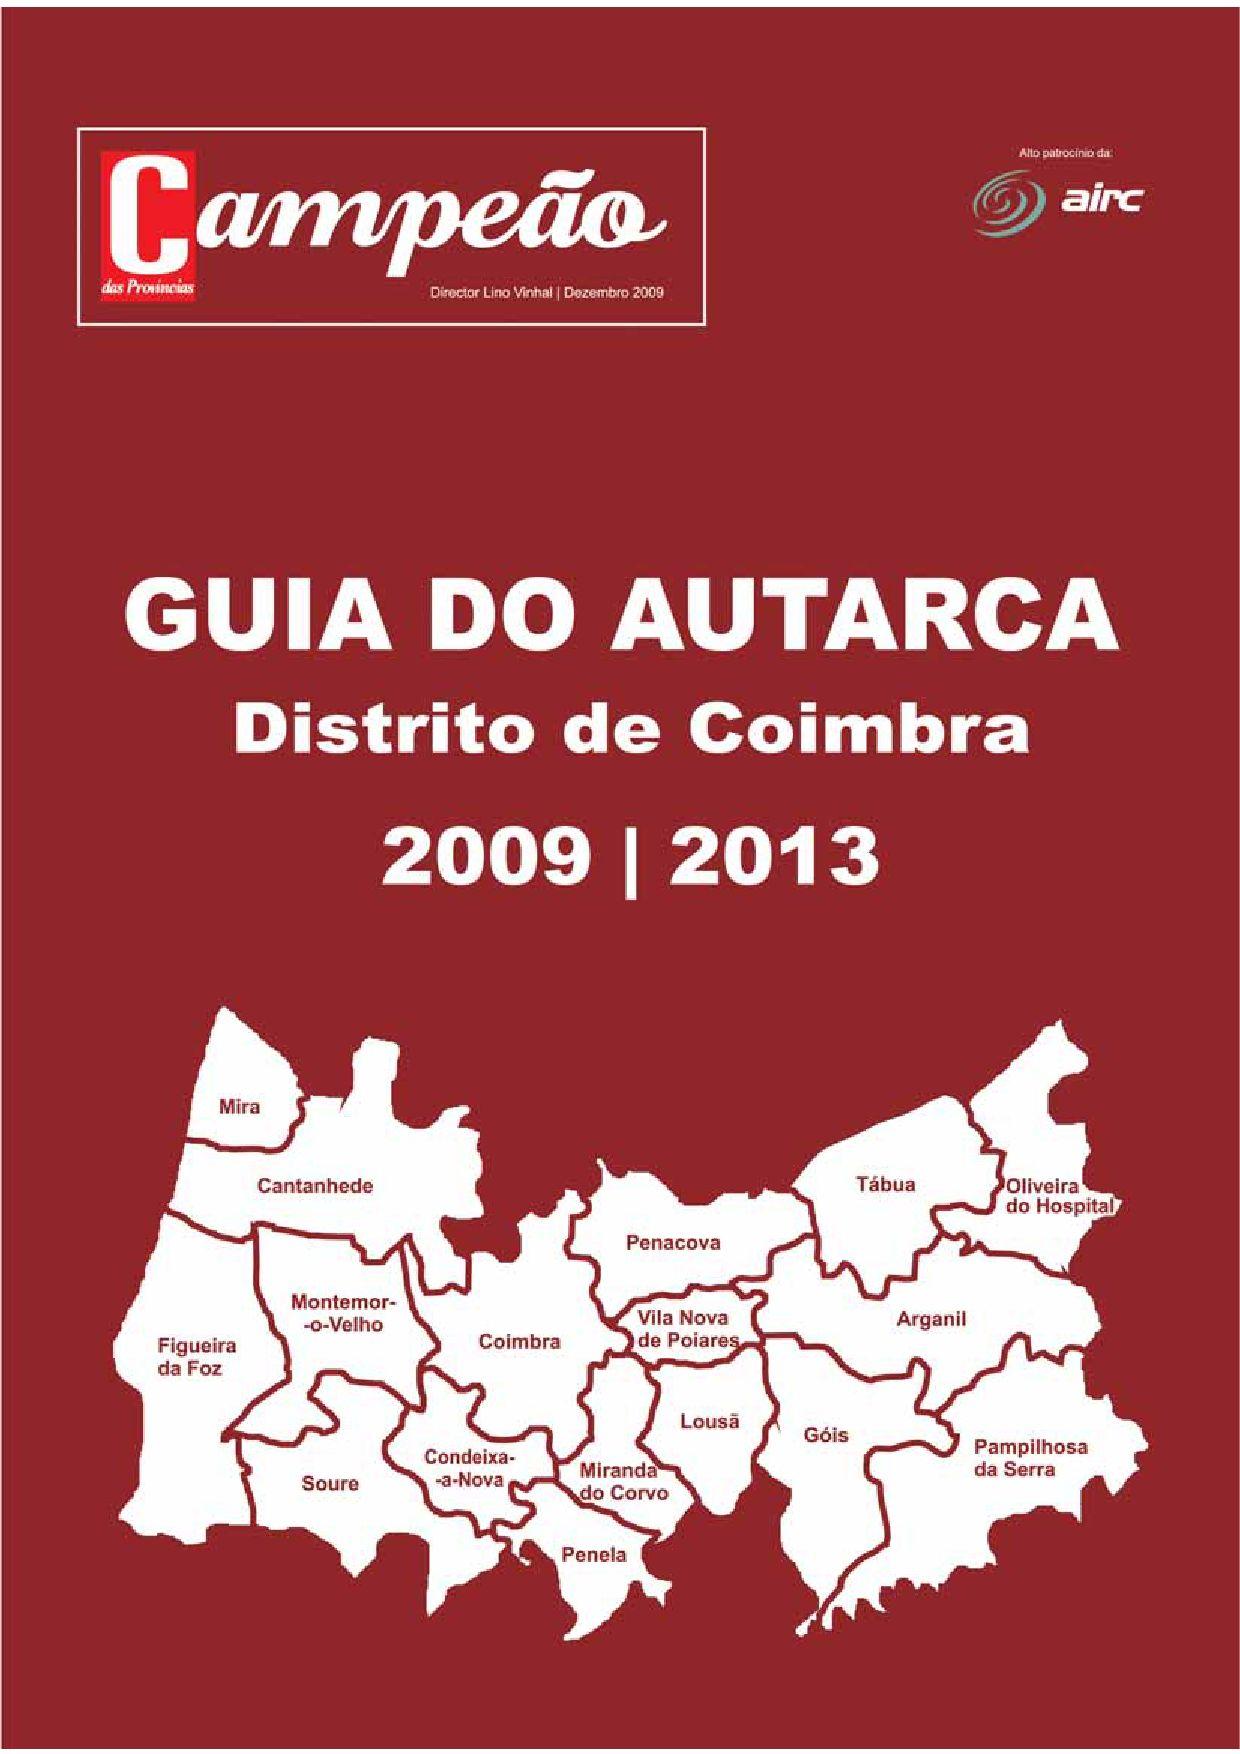 0b57cc7cc Guia do Autarca 2009 2013 by Campeão Províncias - issuu